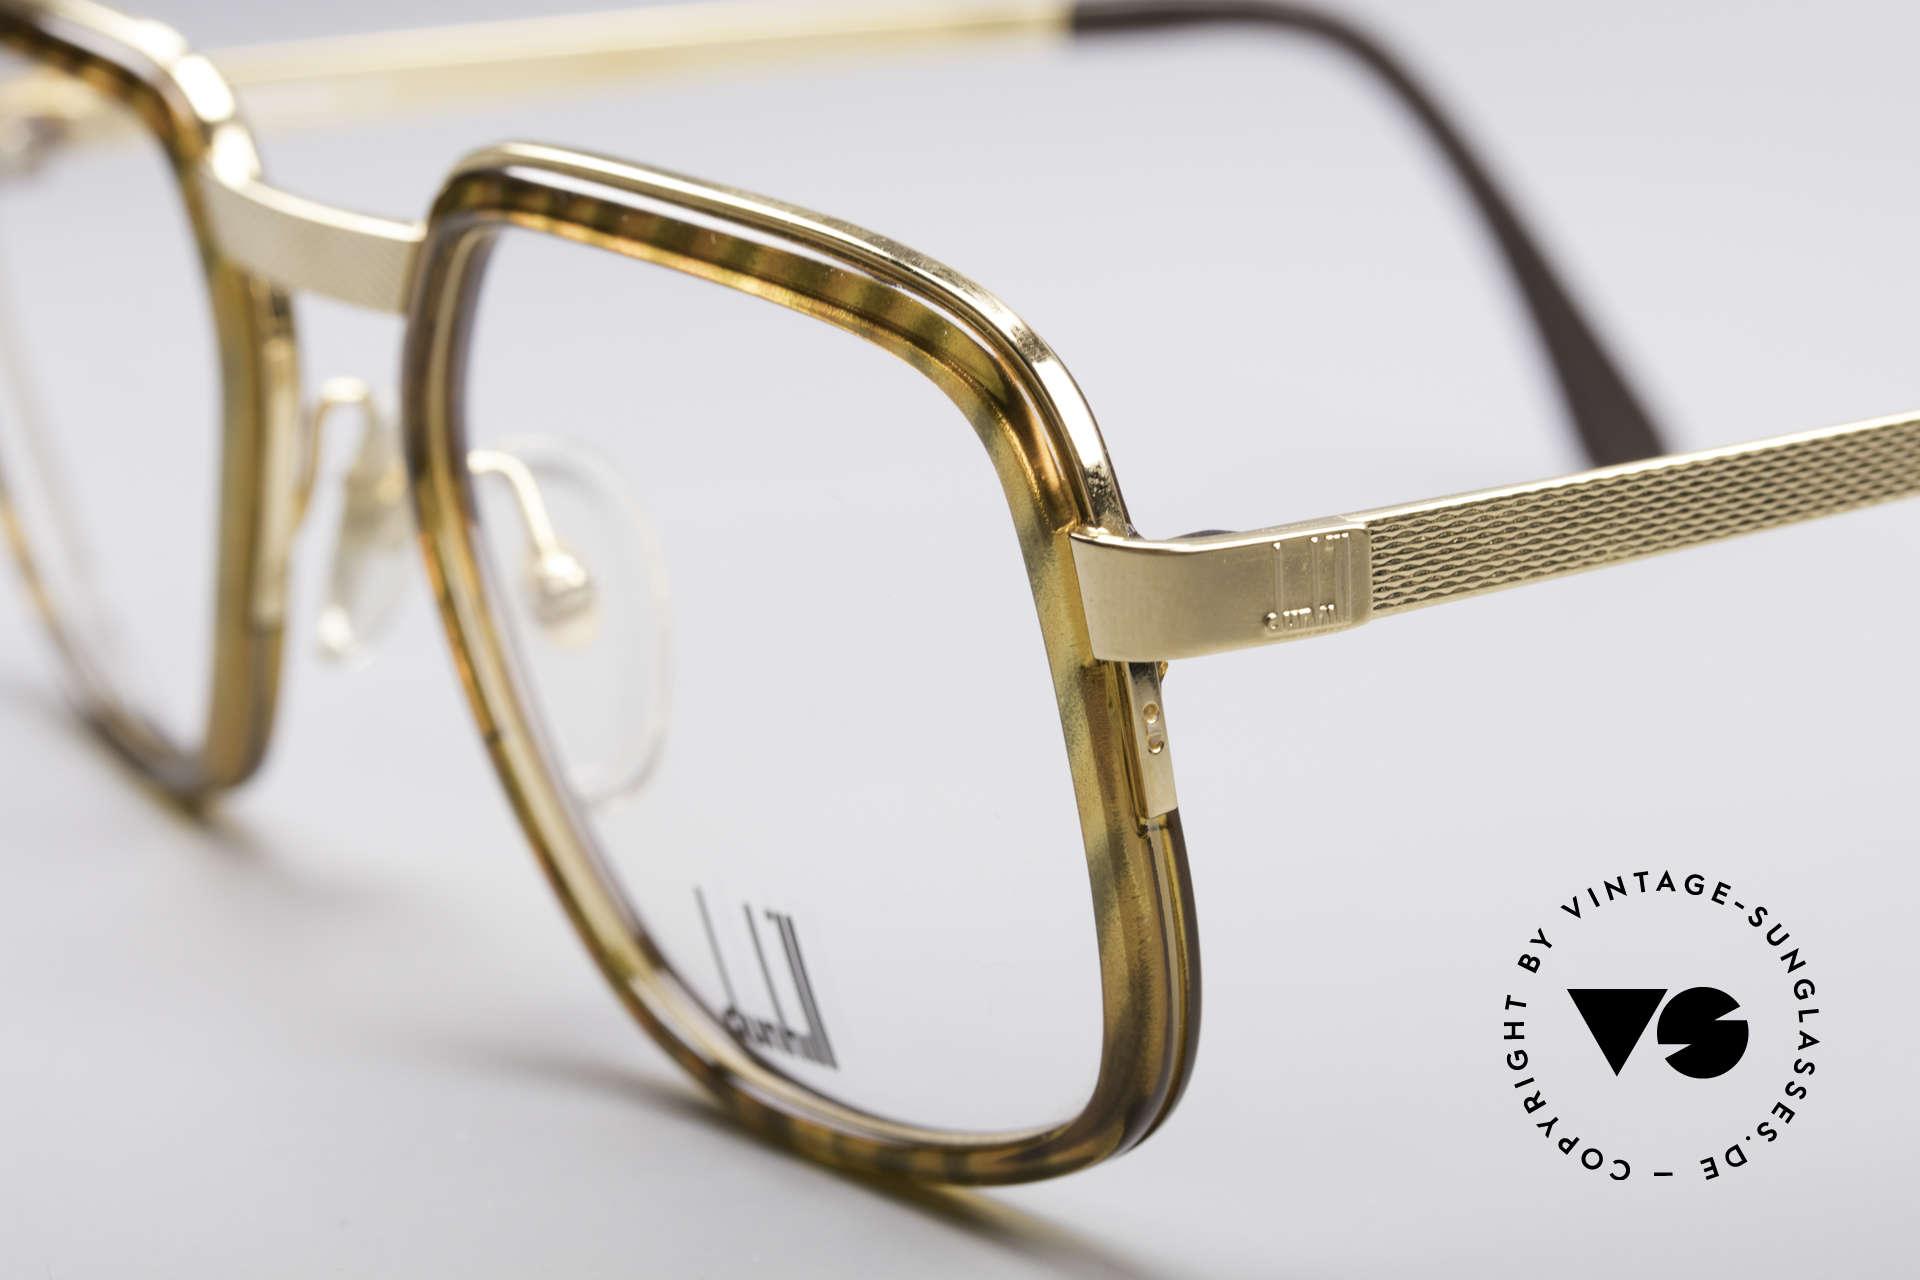 Dunhill 6073 Vergoldete 80er Brille, britische Eleganz & 'made in Germany' in Kombination, Passend für Herren